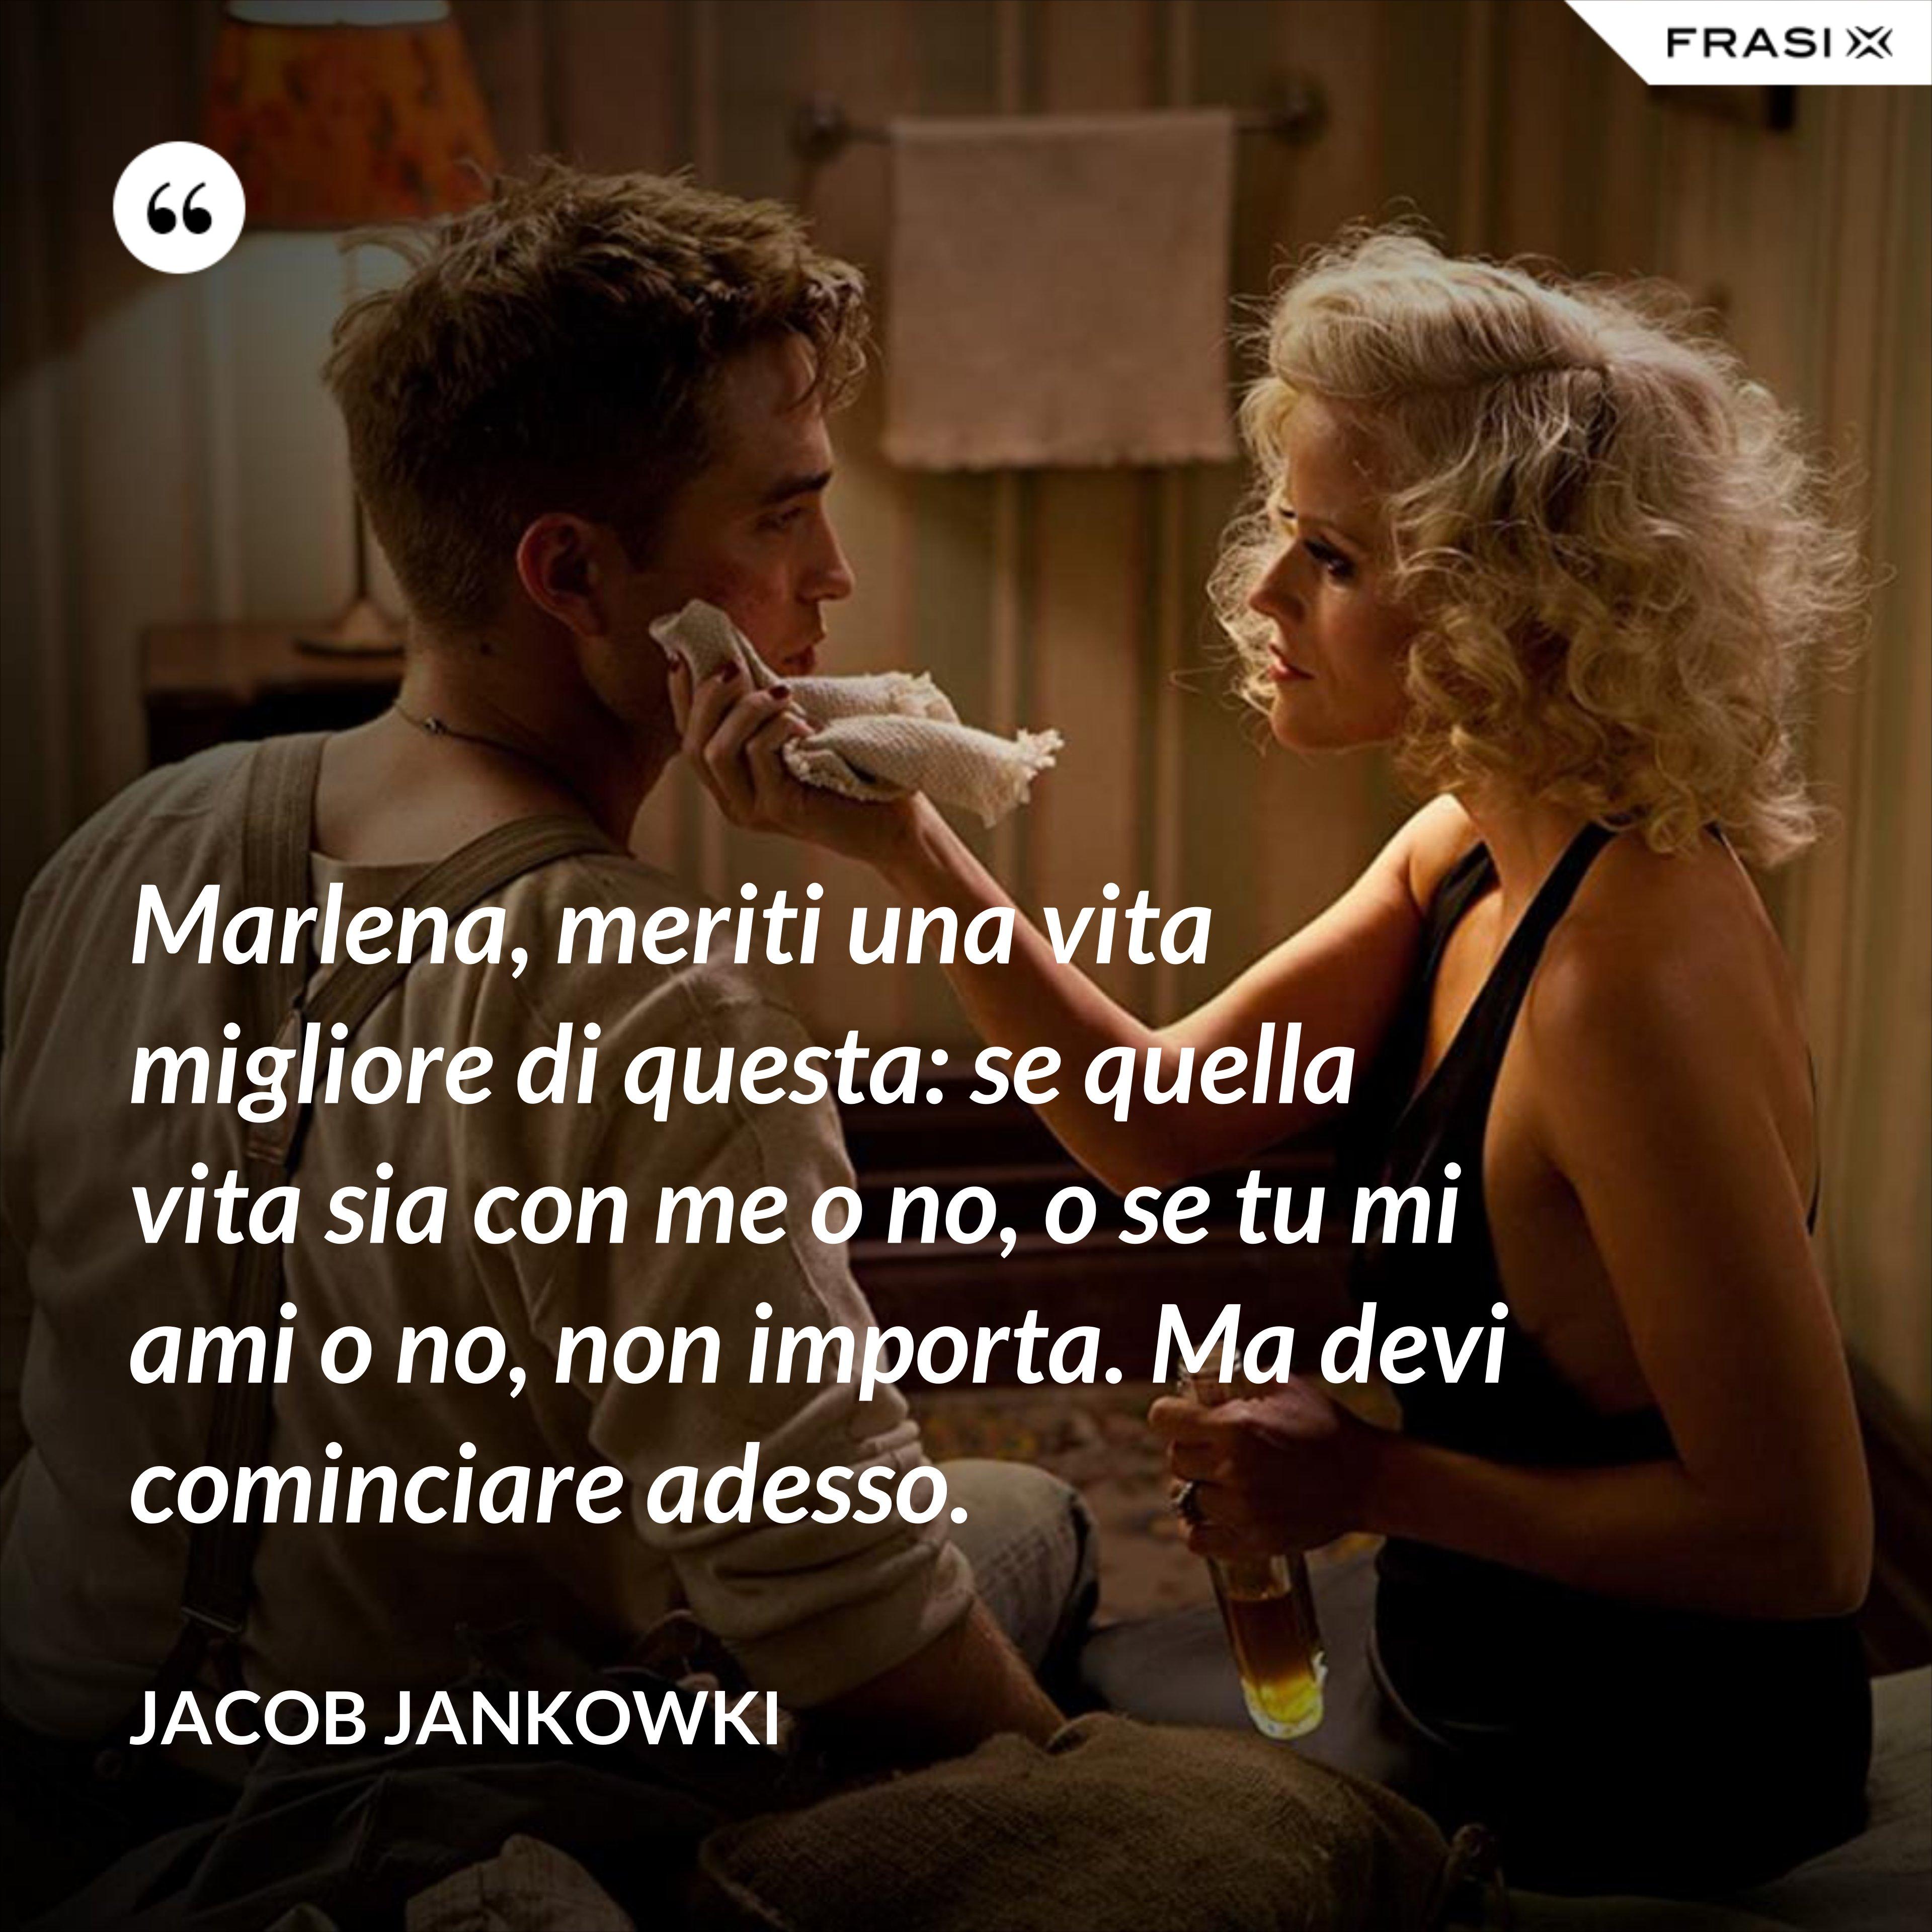 Marlena, meriti una vita migliore di questa: se quella vita sia con me o no, o se tu mi ami o no, non importa. Ma devi cominciare adesso. - Jacob Jankowki